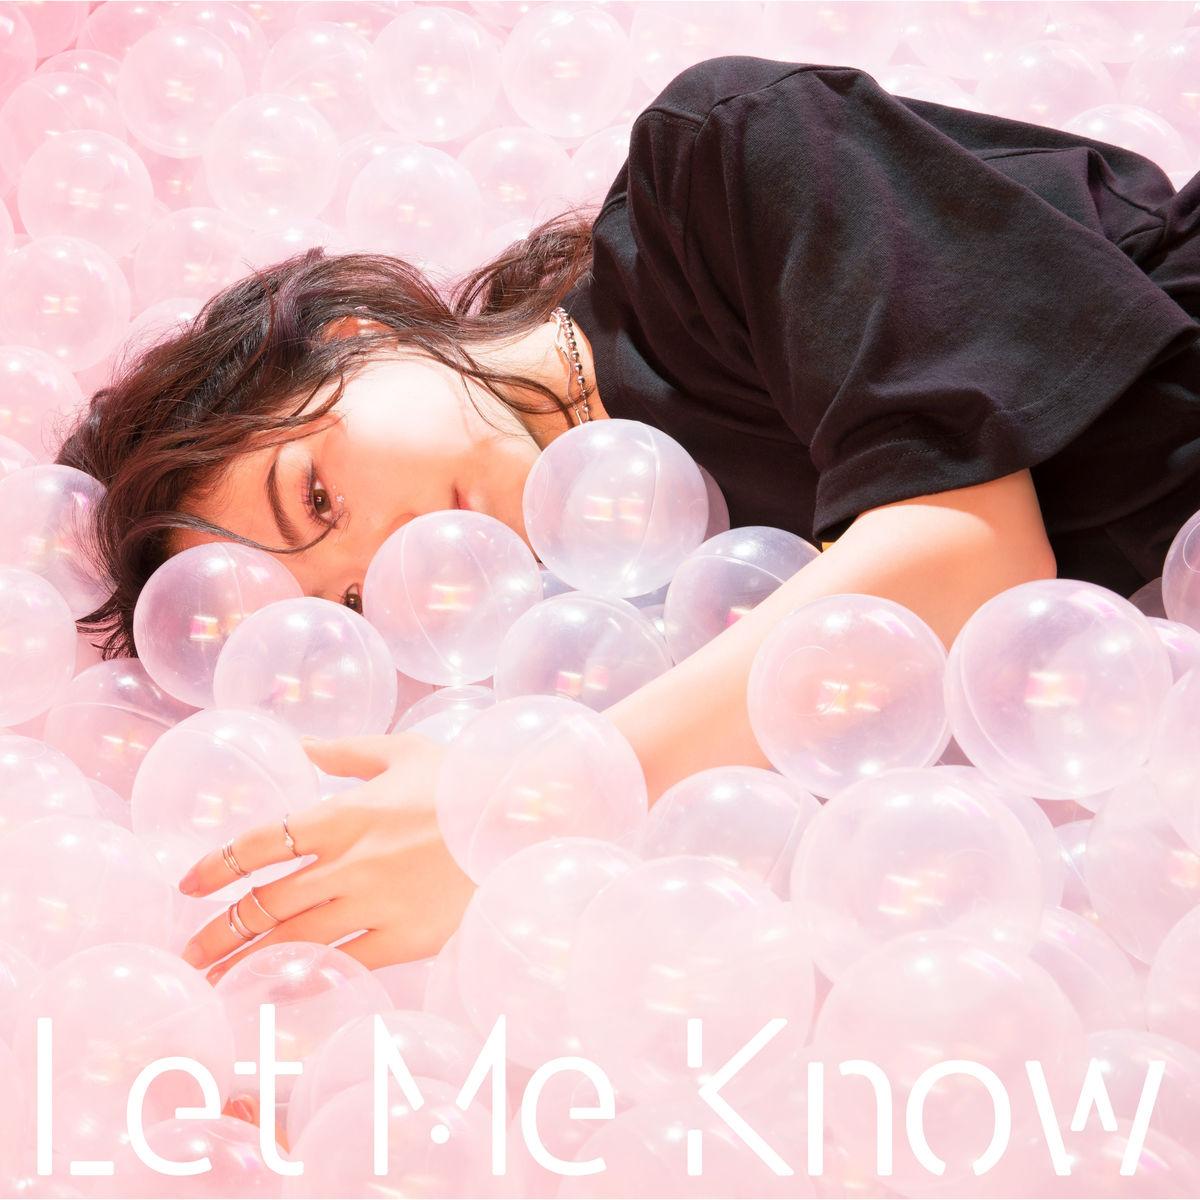 『當山みれい - Let Me Know』収録の『Let Me Know』ジャケット